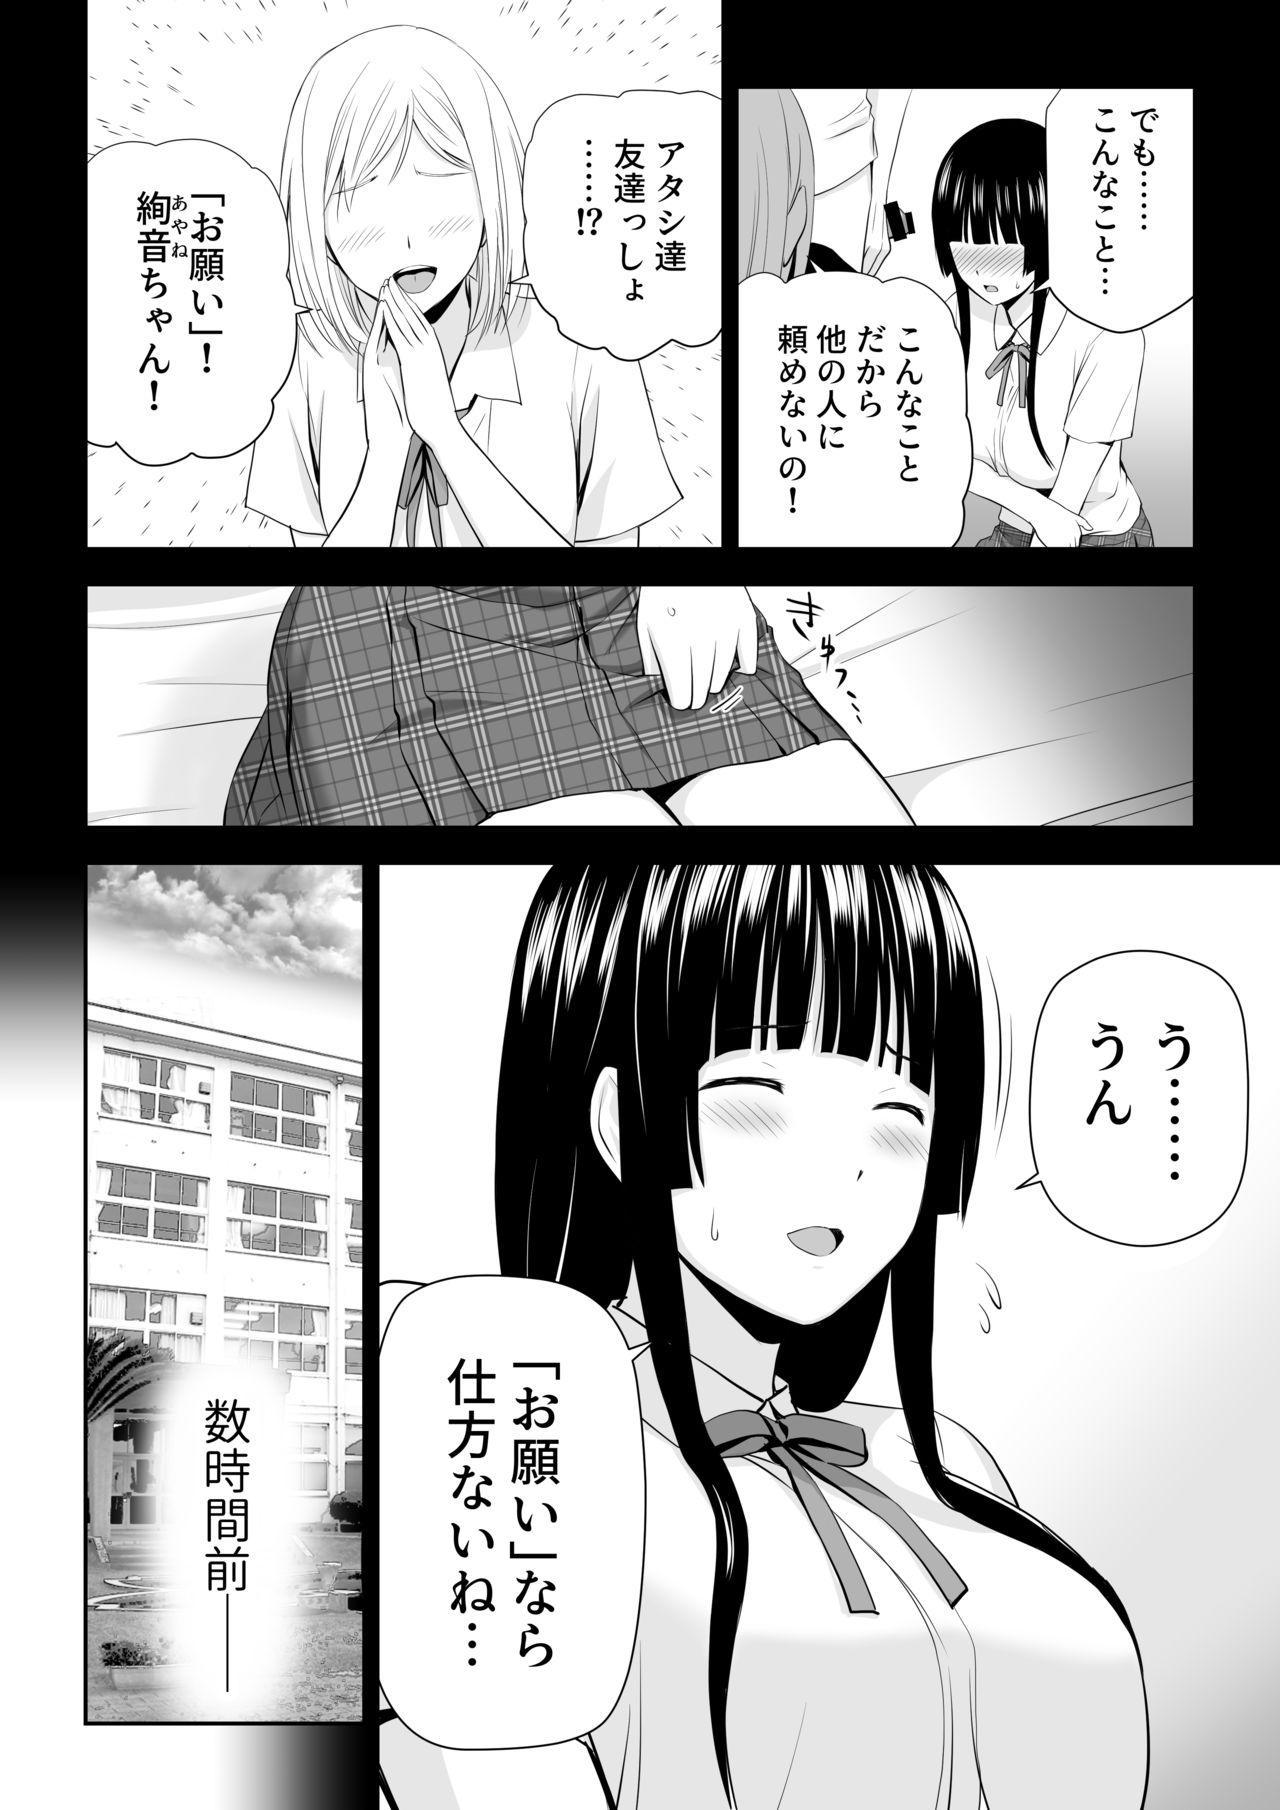 Suzushiro-san wa Onegai ni Yowai 2